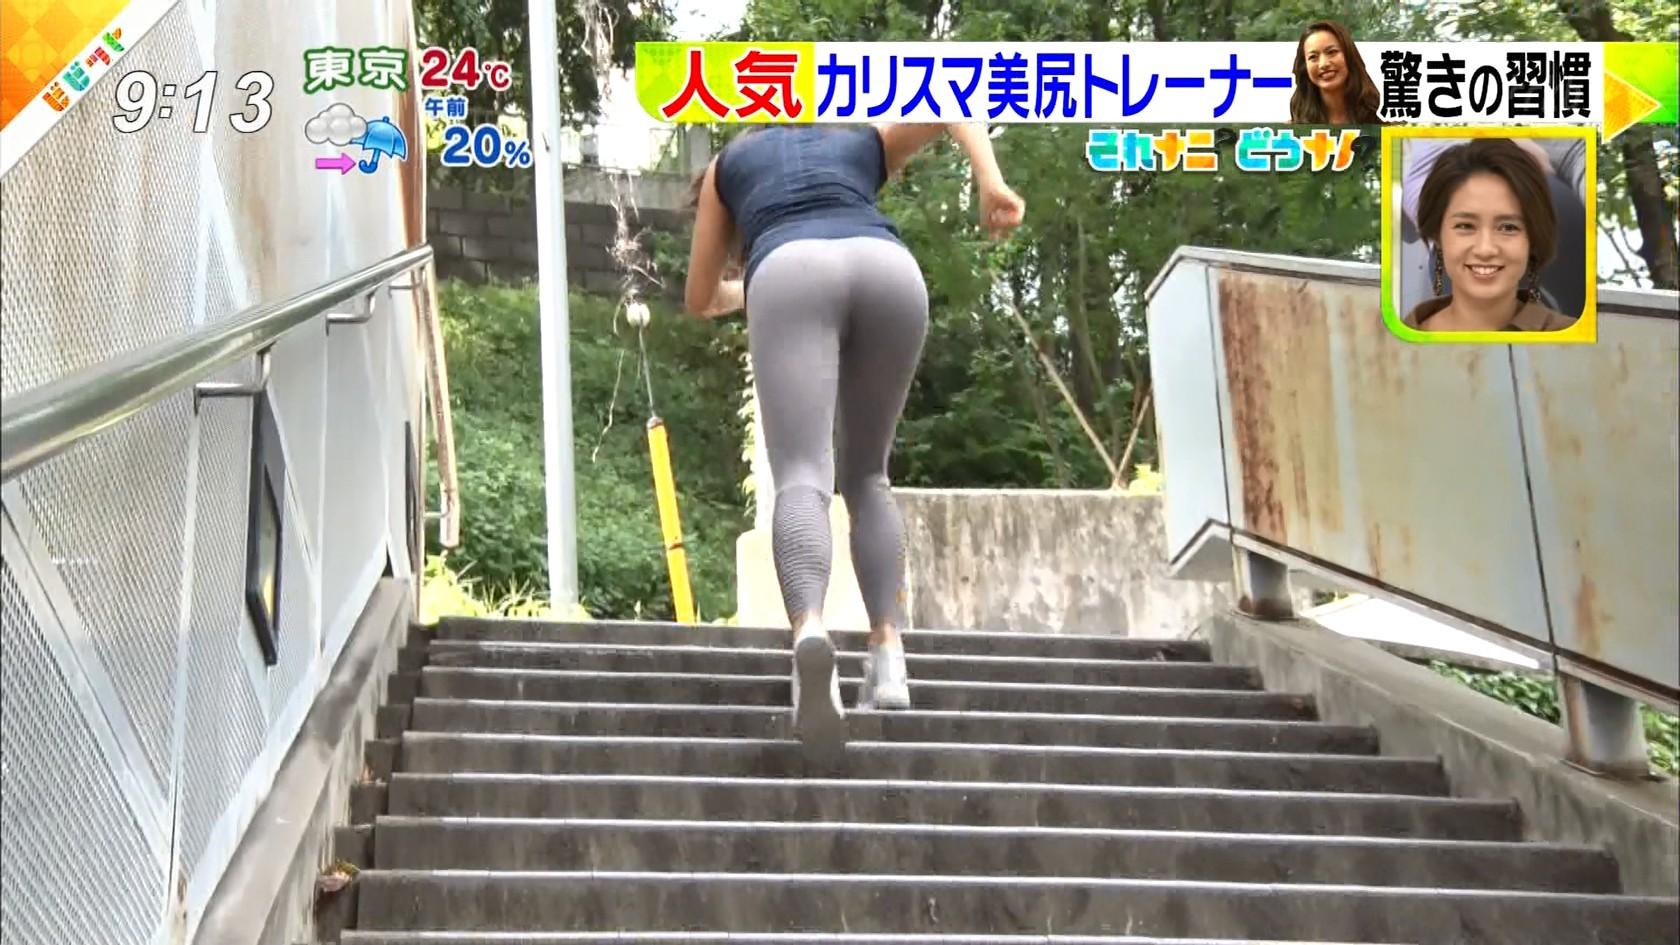 岡部友_美尻_スパッツ_テレビキャプ画像_15